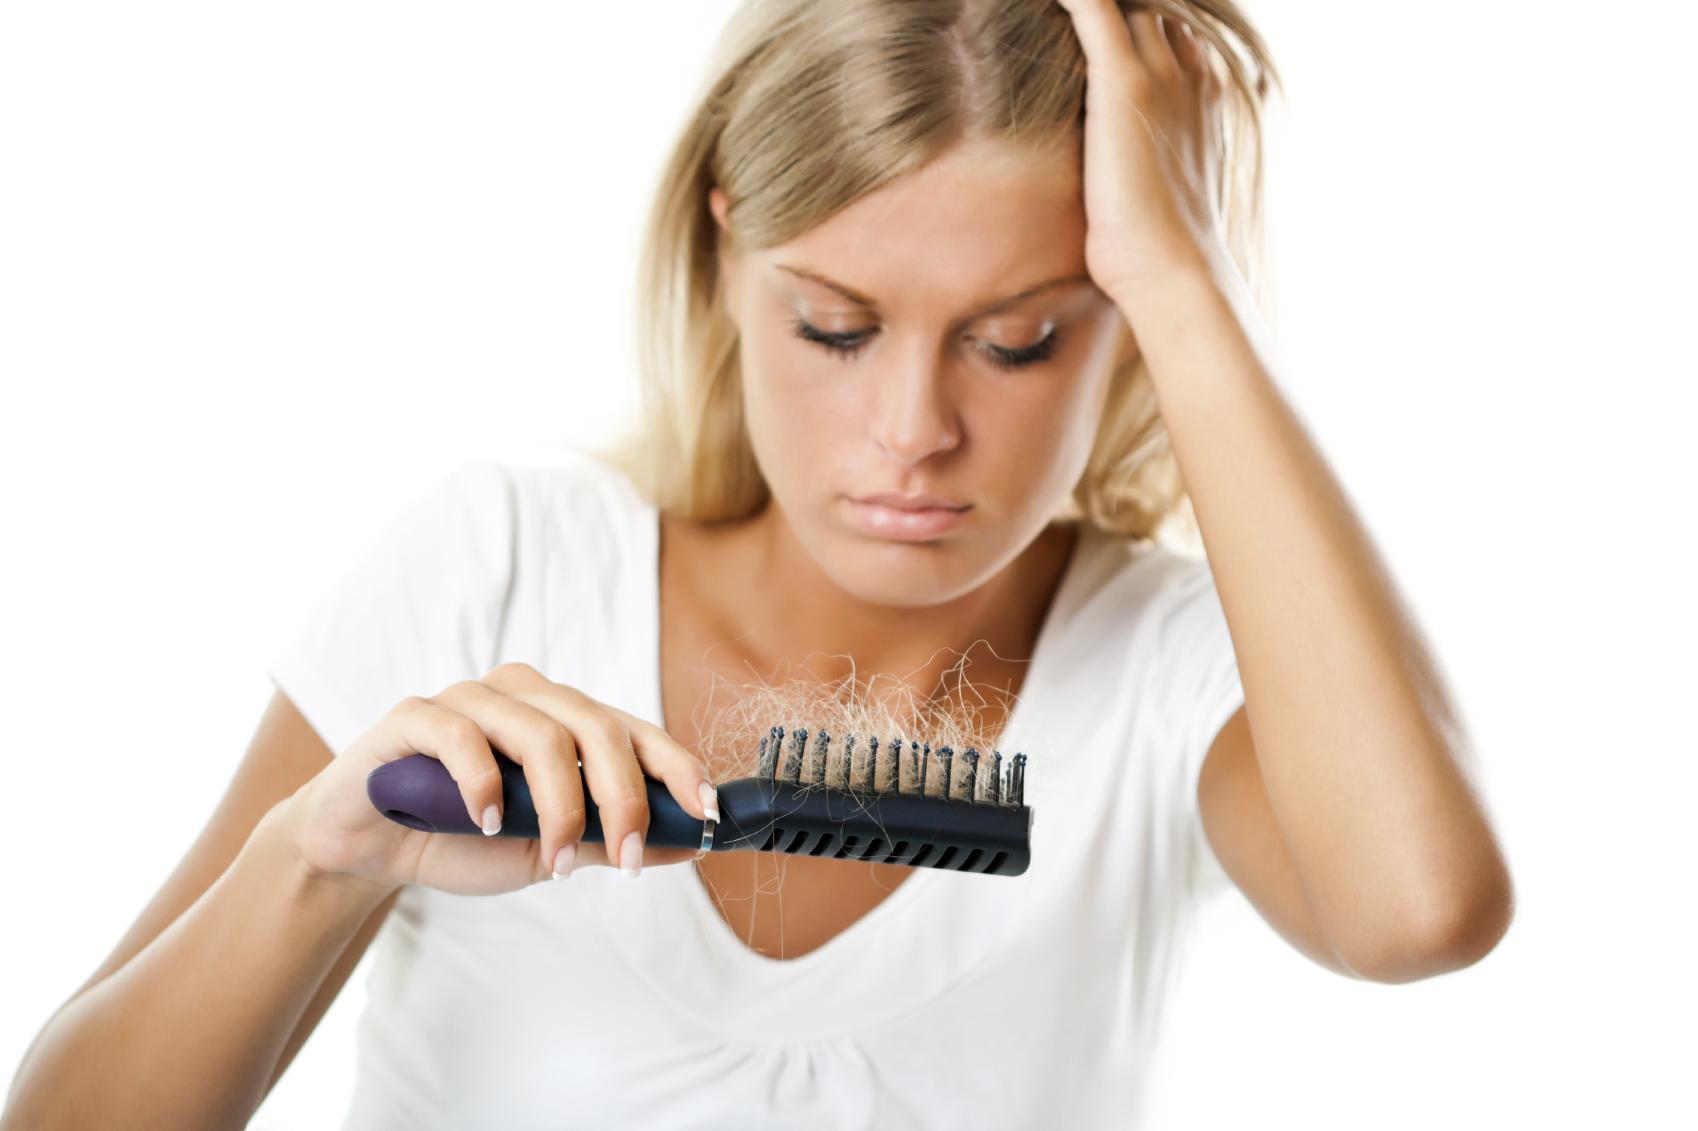 perdita capelli nelle donne